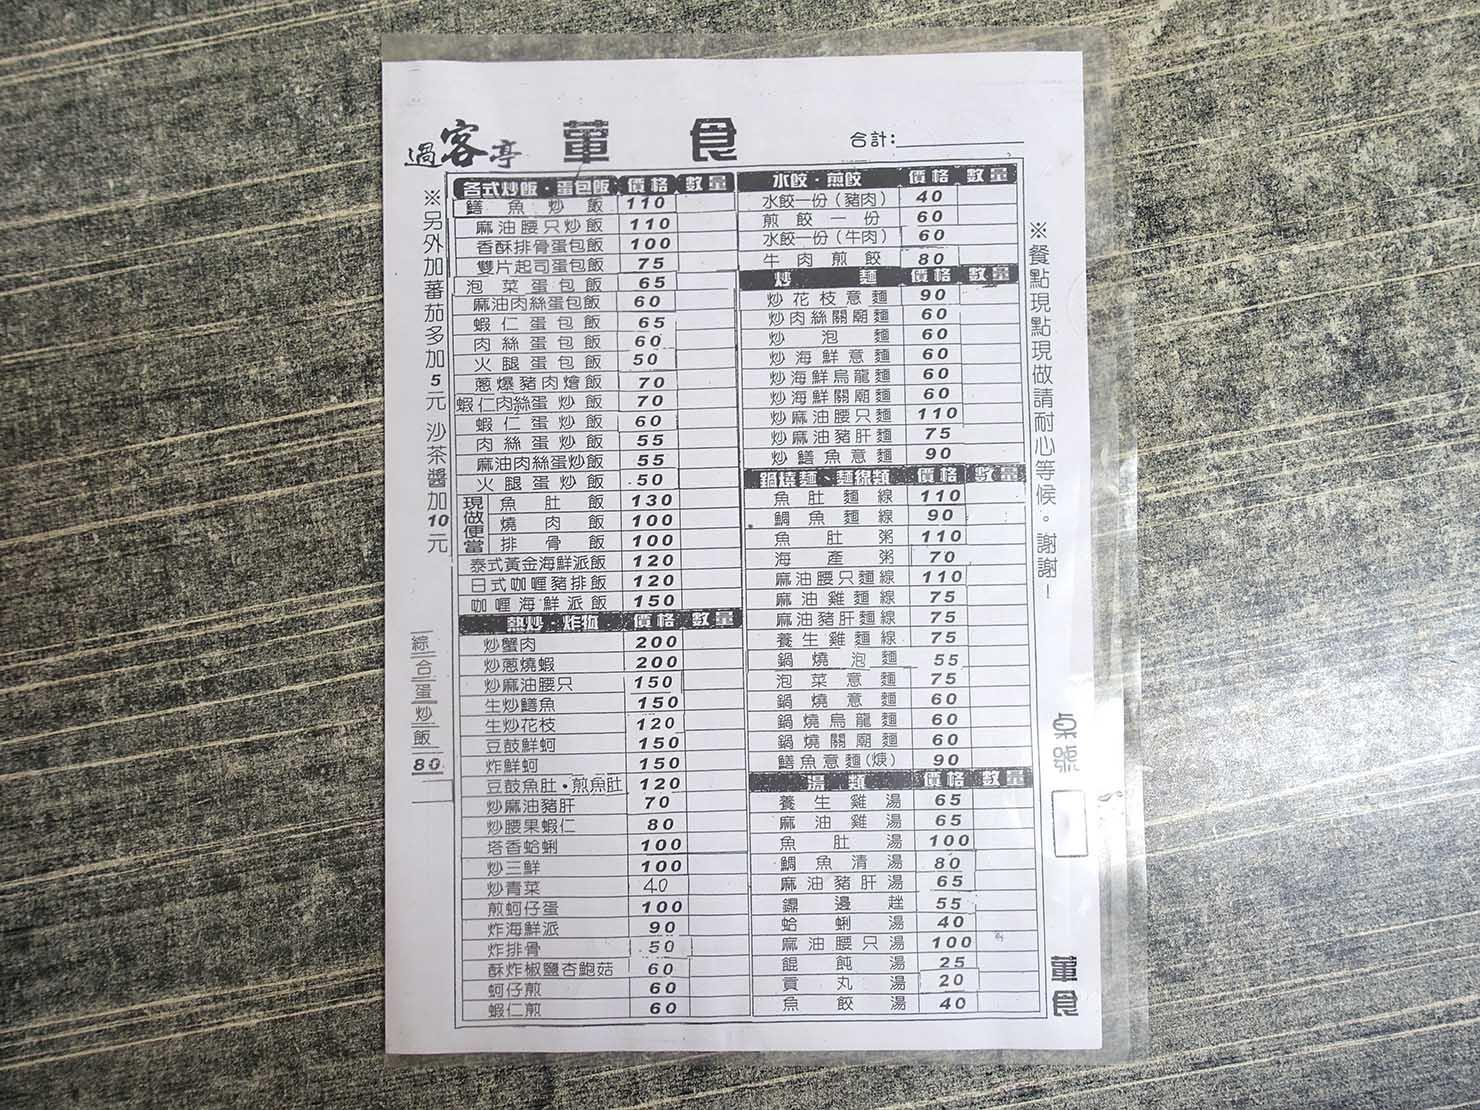 台南・赤崁樓周辺のおすすめグルメ店「過客亭蛋包飯專賣店」のメニュー